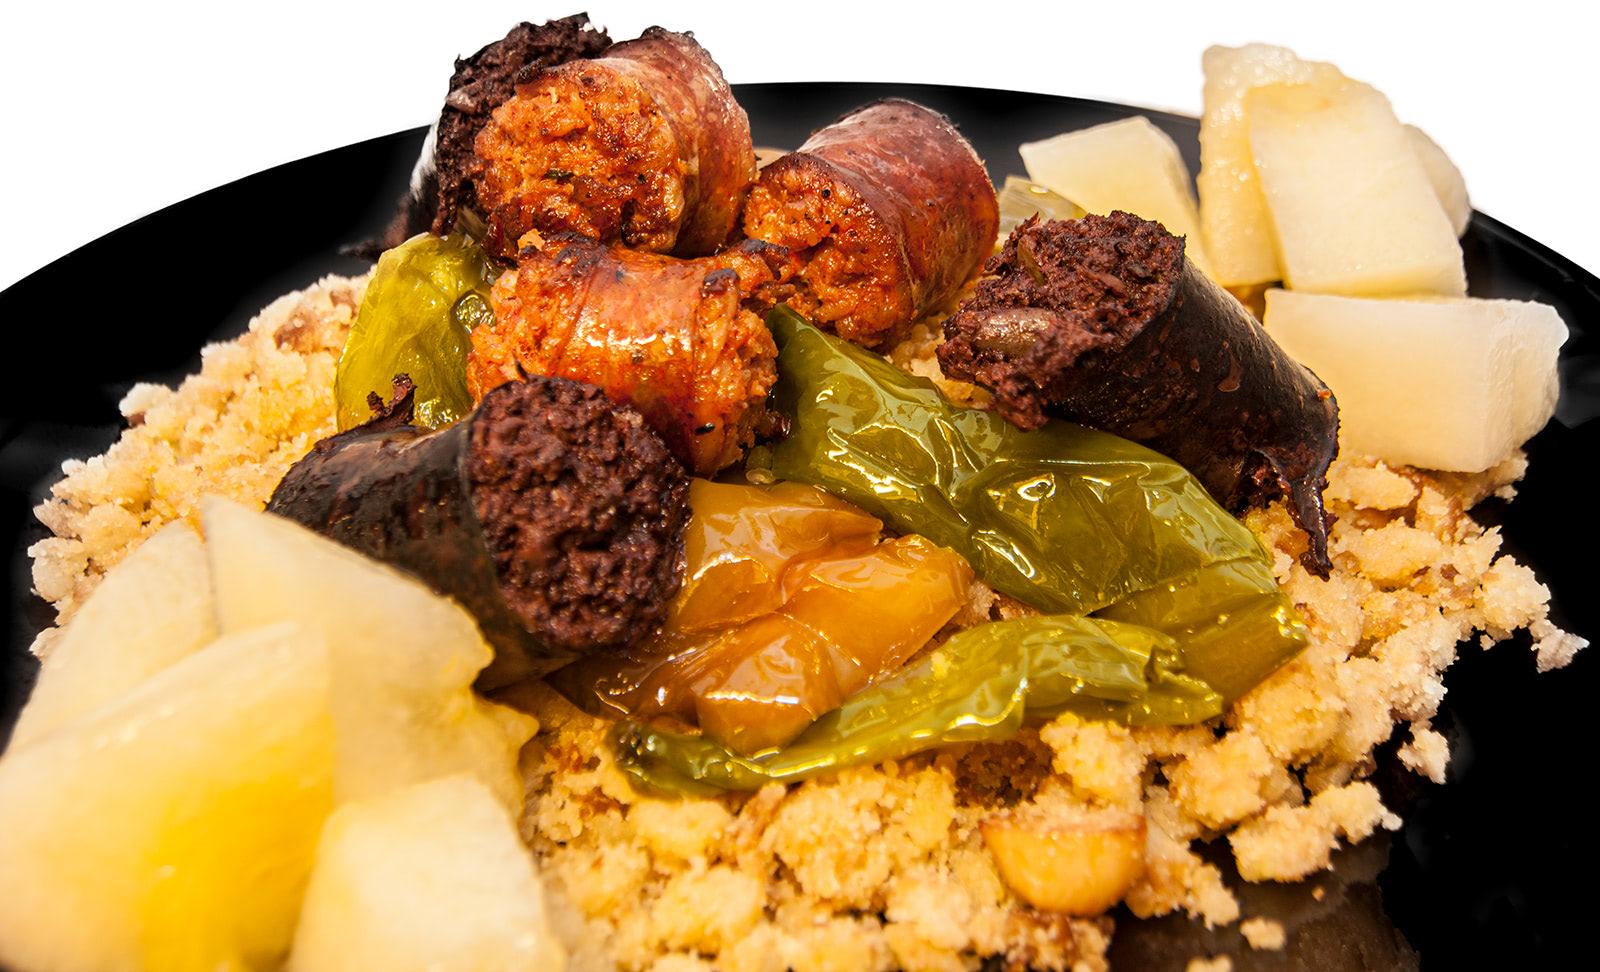 migas caseras receta milenaria monte velez. Restaurante Asador Monte Vélez en Huetor Vega Granada. Cocina tradicional en barbacoa